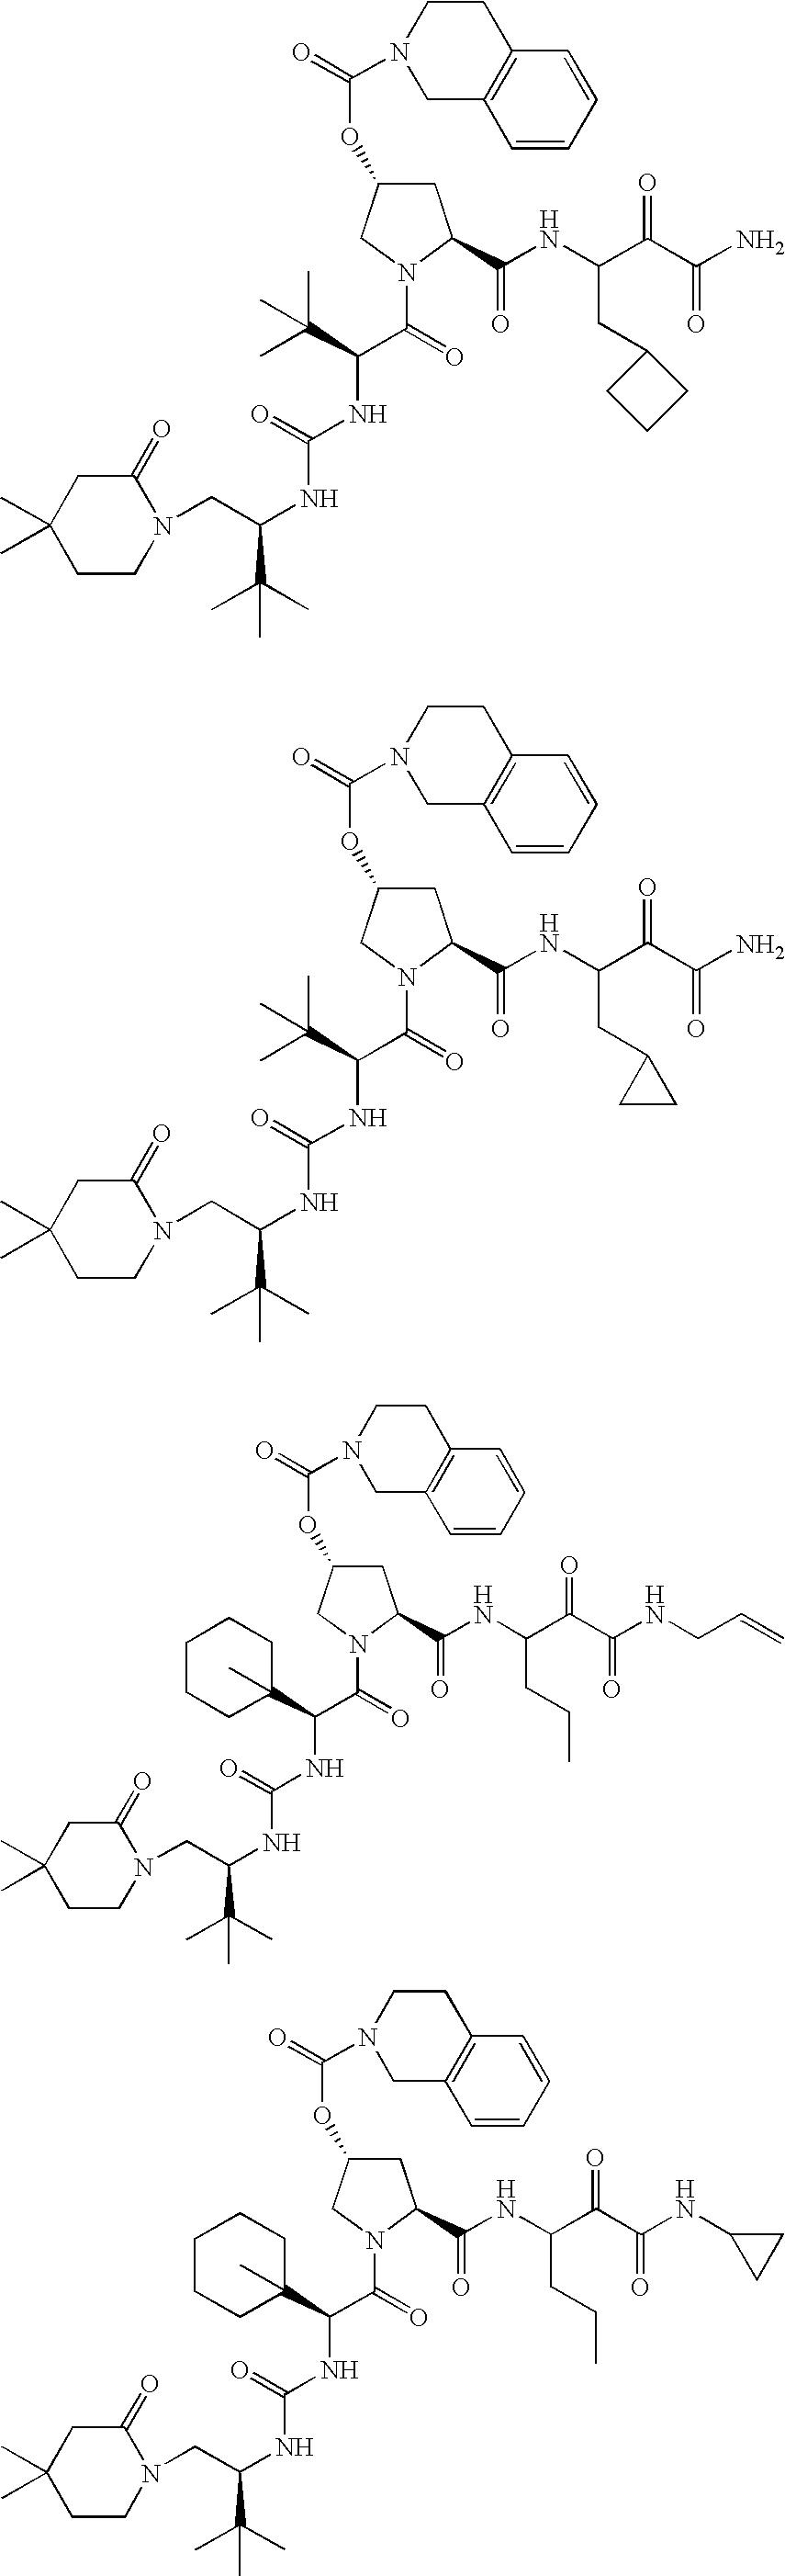 Figure US20060287248A1-20061221-C00568